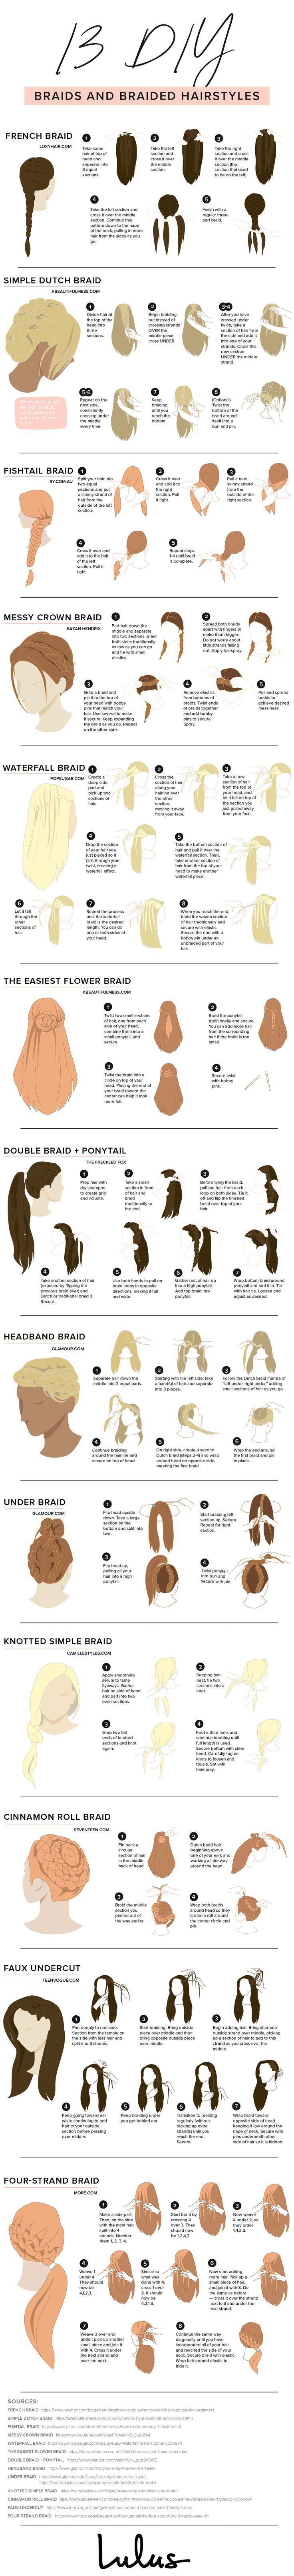 13 DIY-Zöpfe und geflochtene Frisuren #frisuren #geflochtene #zopfe #haaretipp …